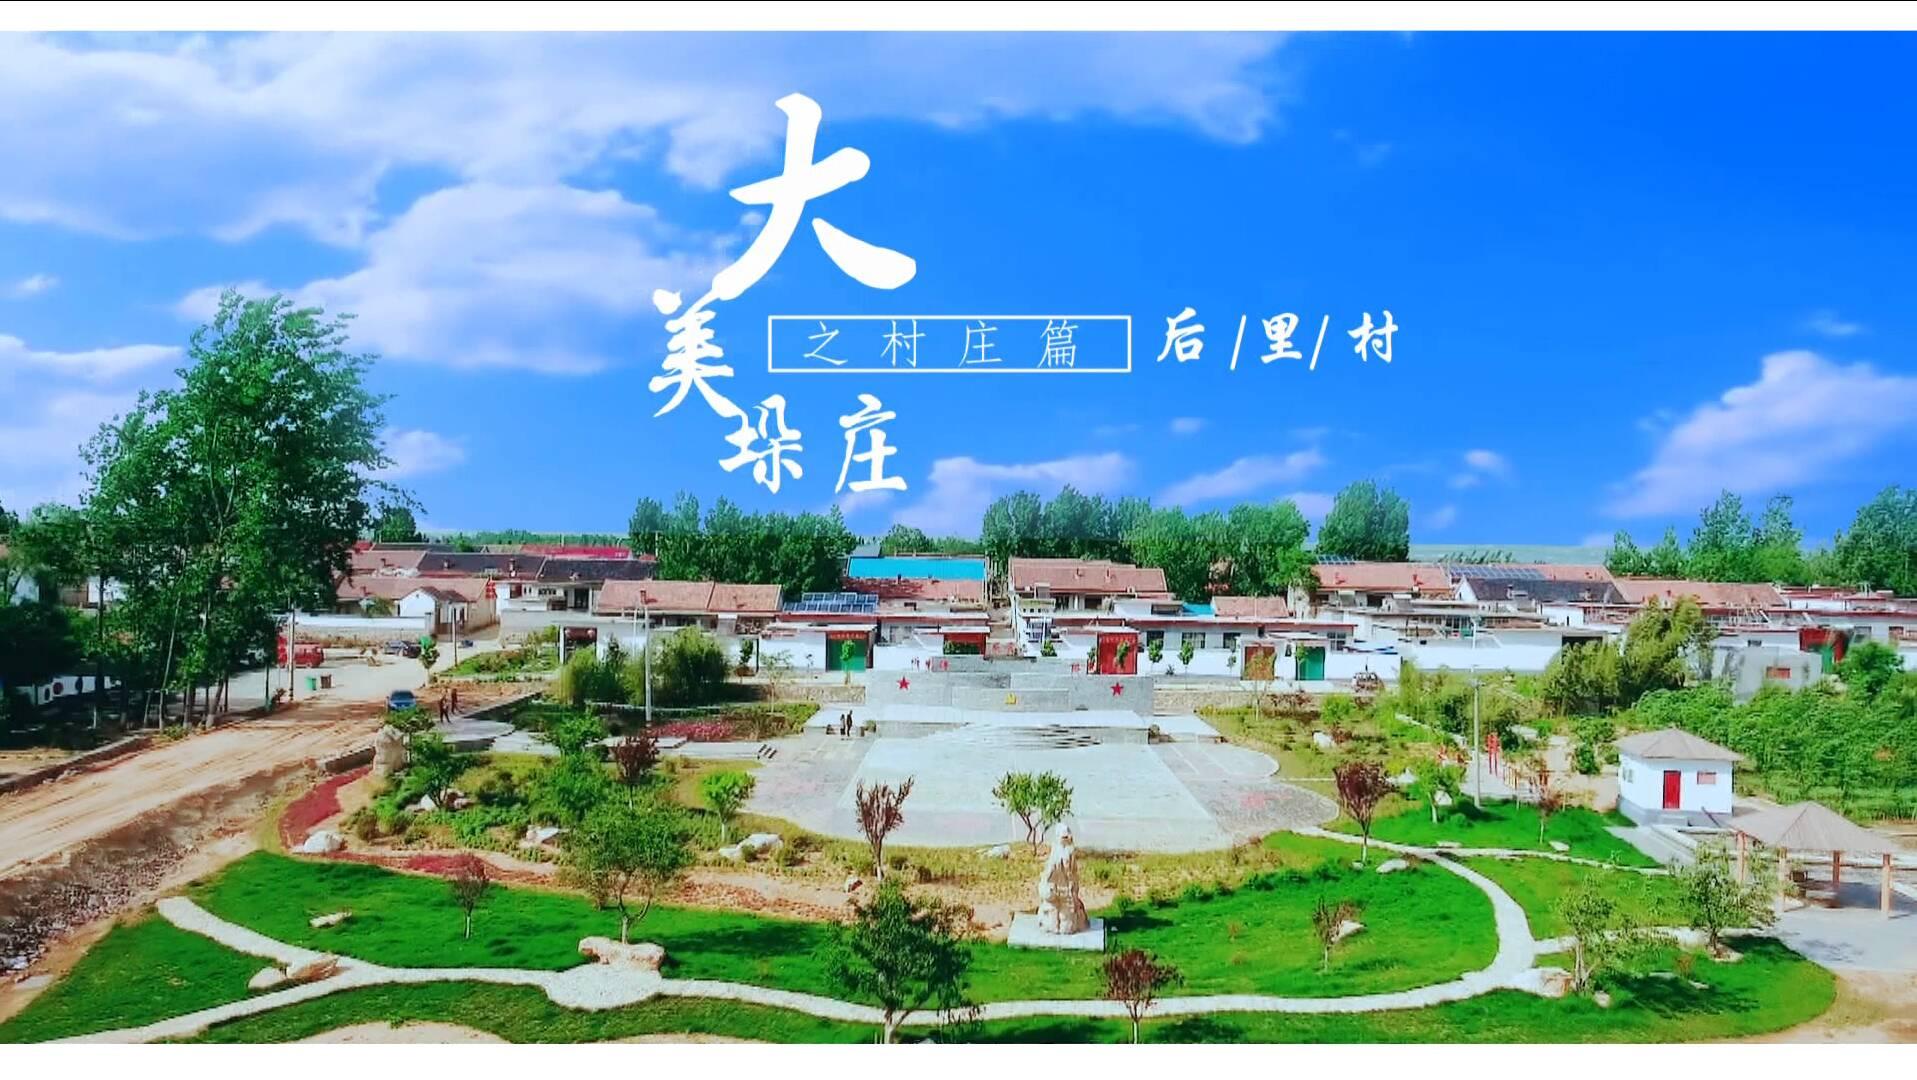 【小康之约】视频:大美垛庄之后里村